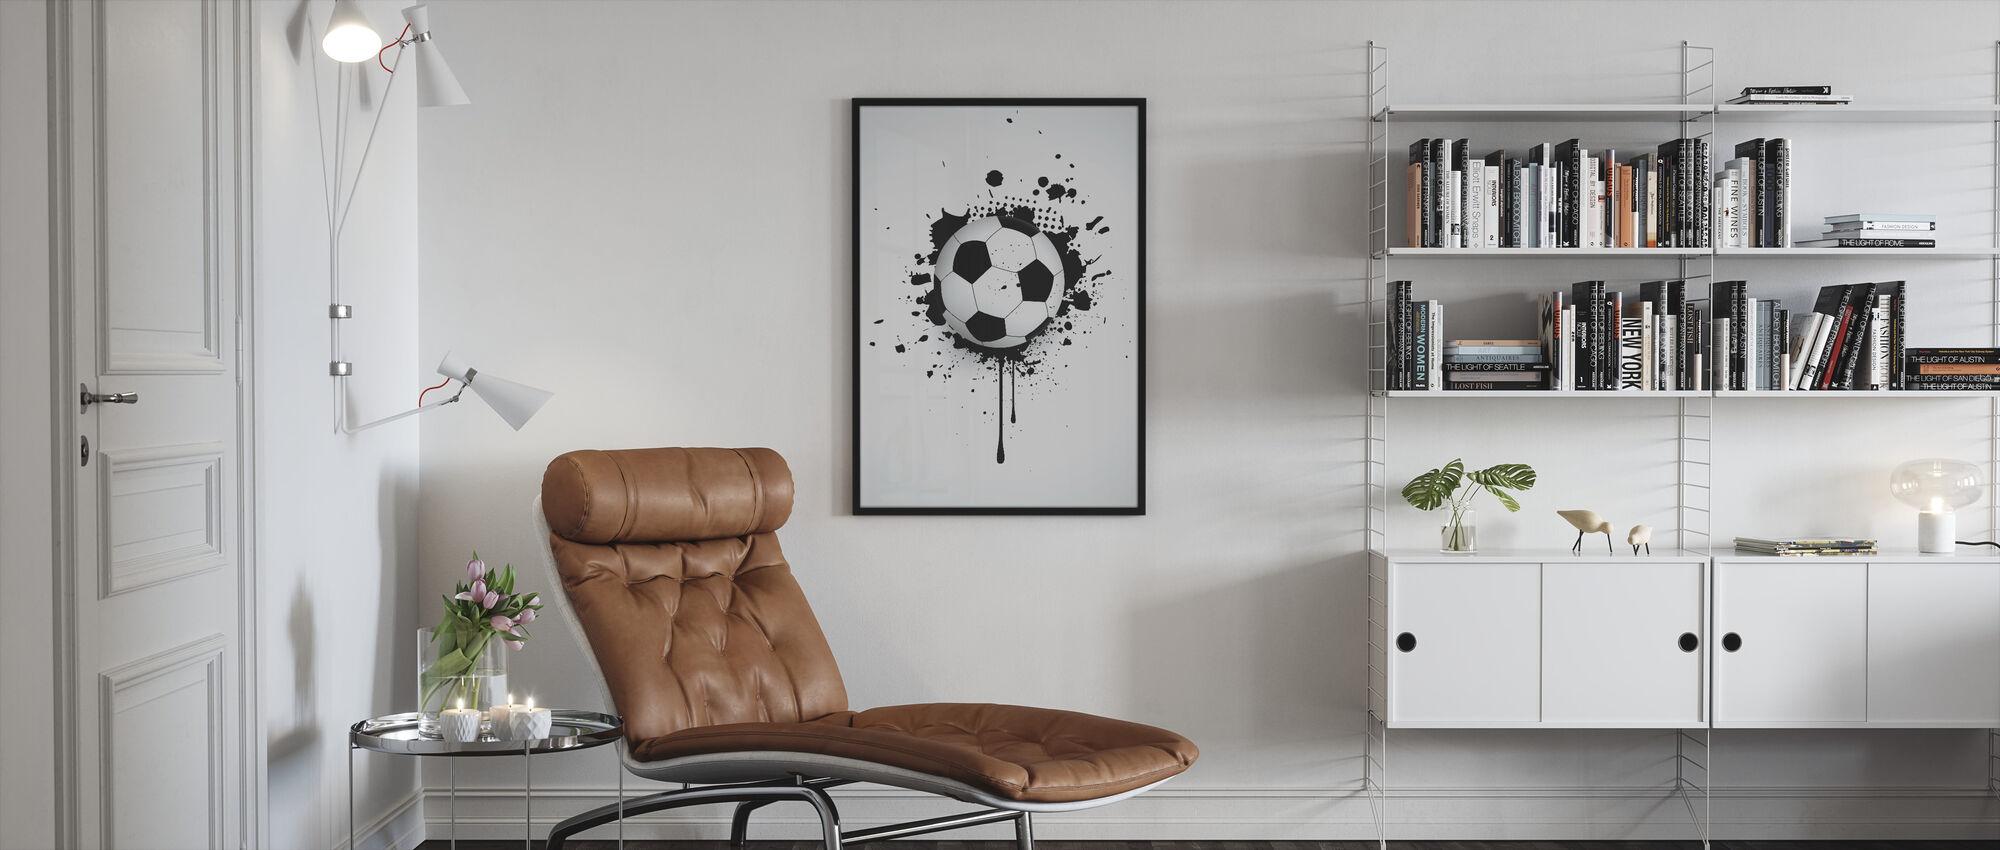 Bal door Muur - Ingelijste print - Woonkamer